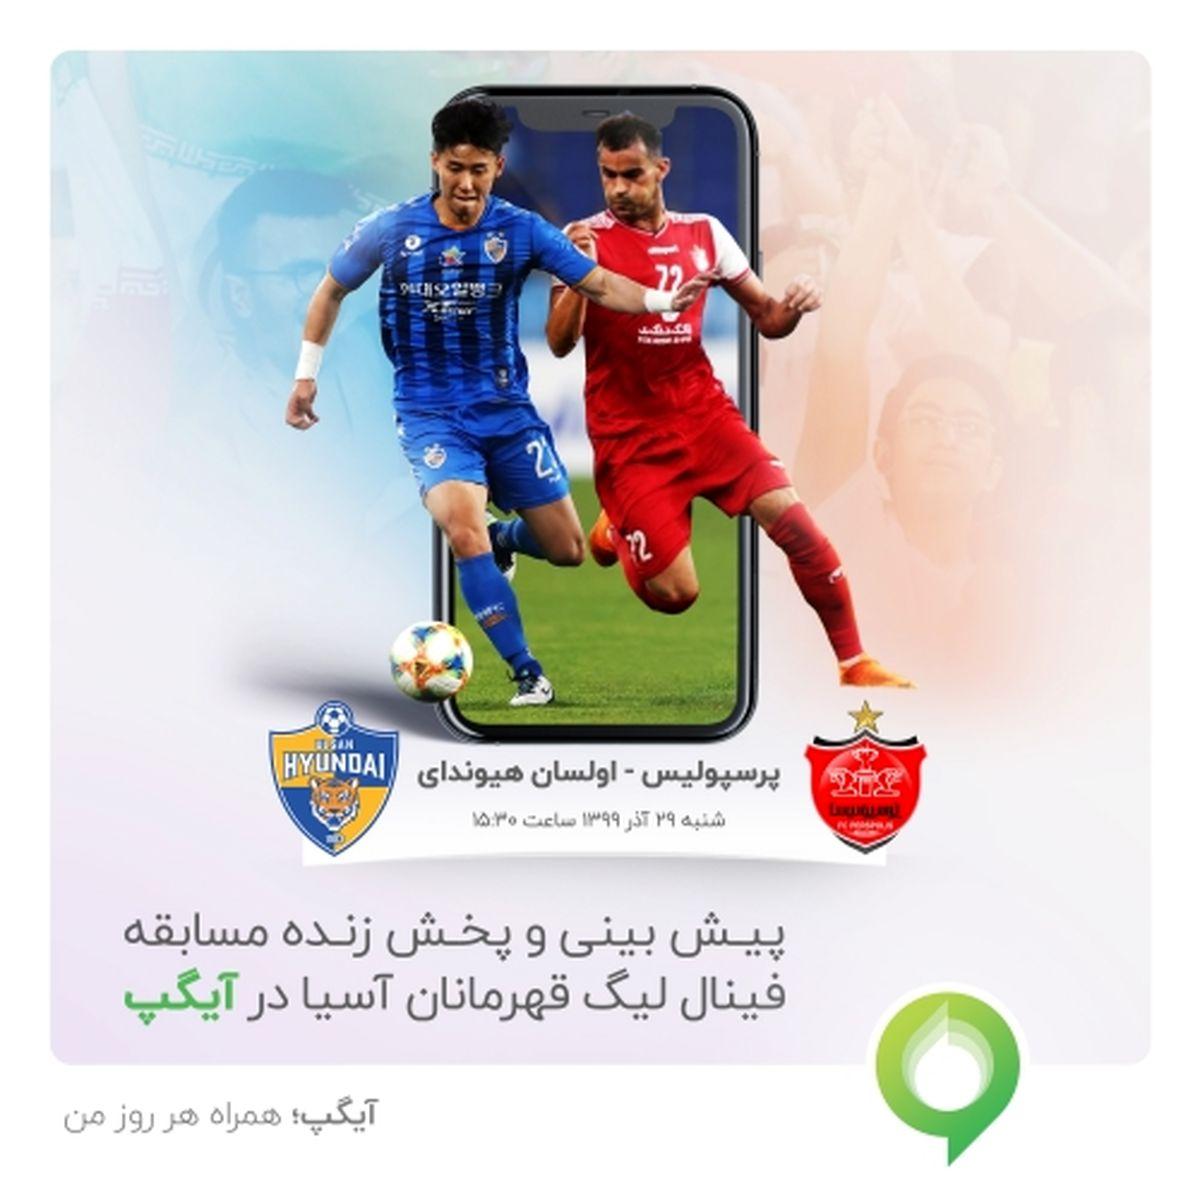 پخش زنده فینال جام باشگاههای آسیا از آیگپ